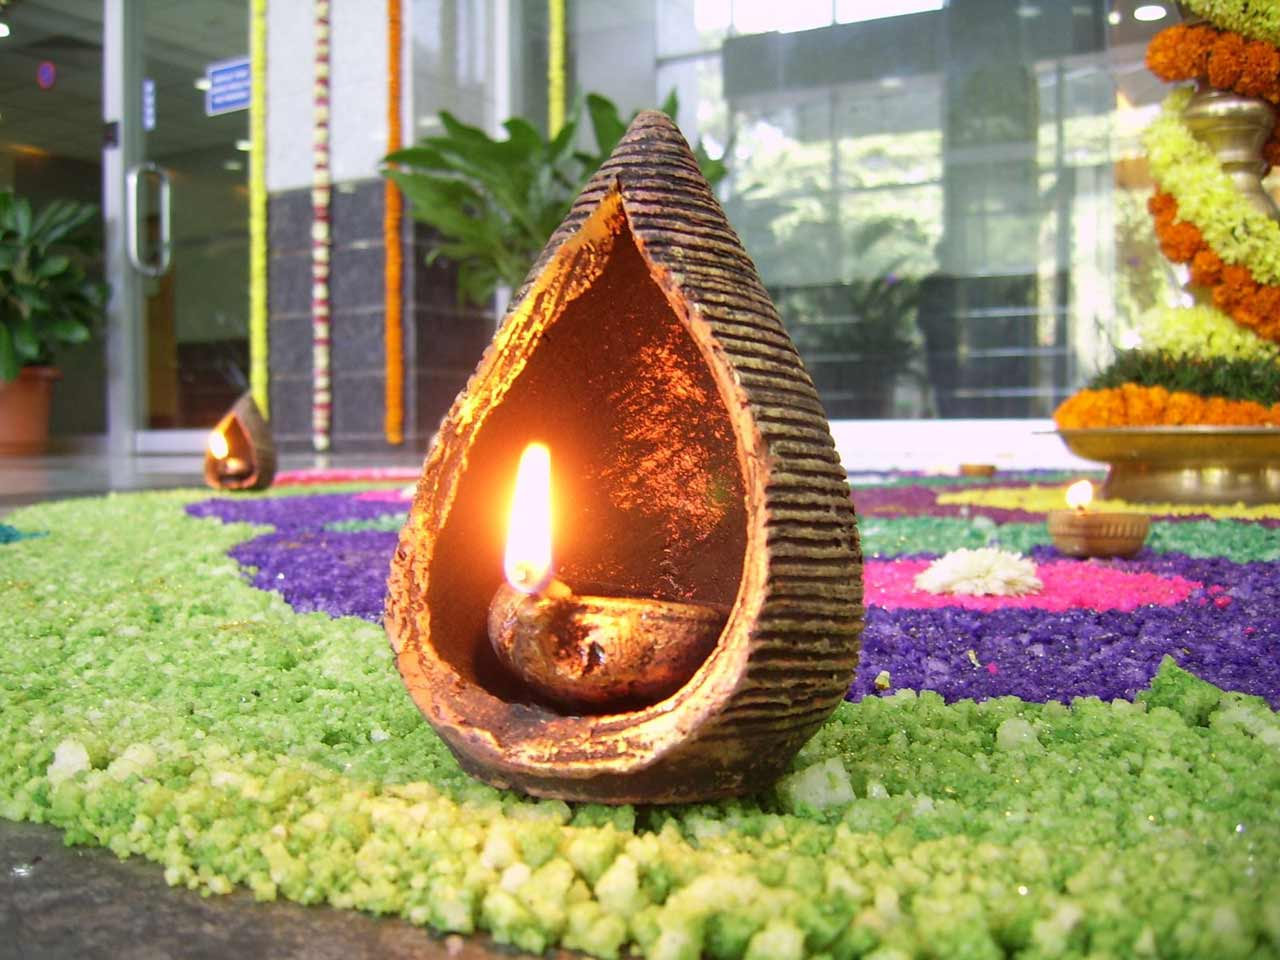 http://3.bp.blogspot.com/-34Uokkp2phY/UJuBmuIvQ1I/AAAAAAAAIRg/myI6sh4bhH4/s1600/latest-diwali-diya-wallpaper.jpg